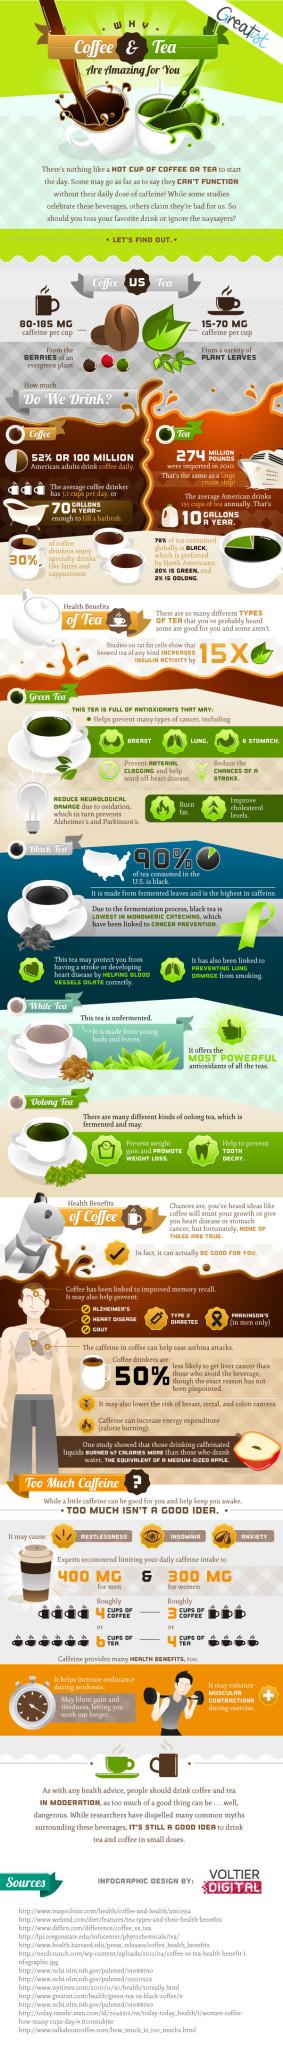 coffee-tea-infographic